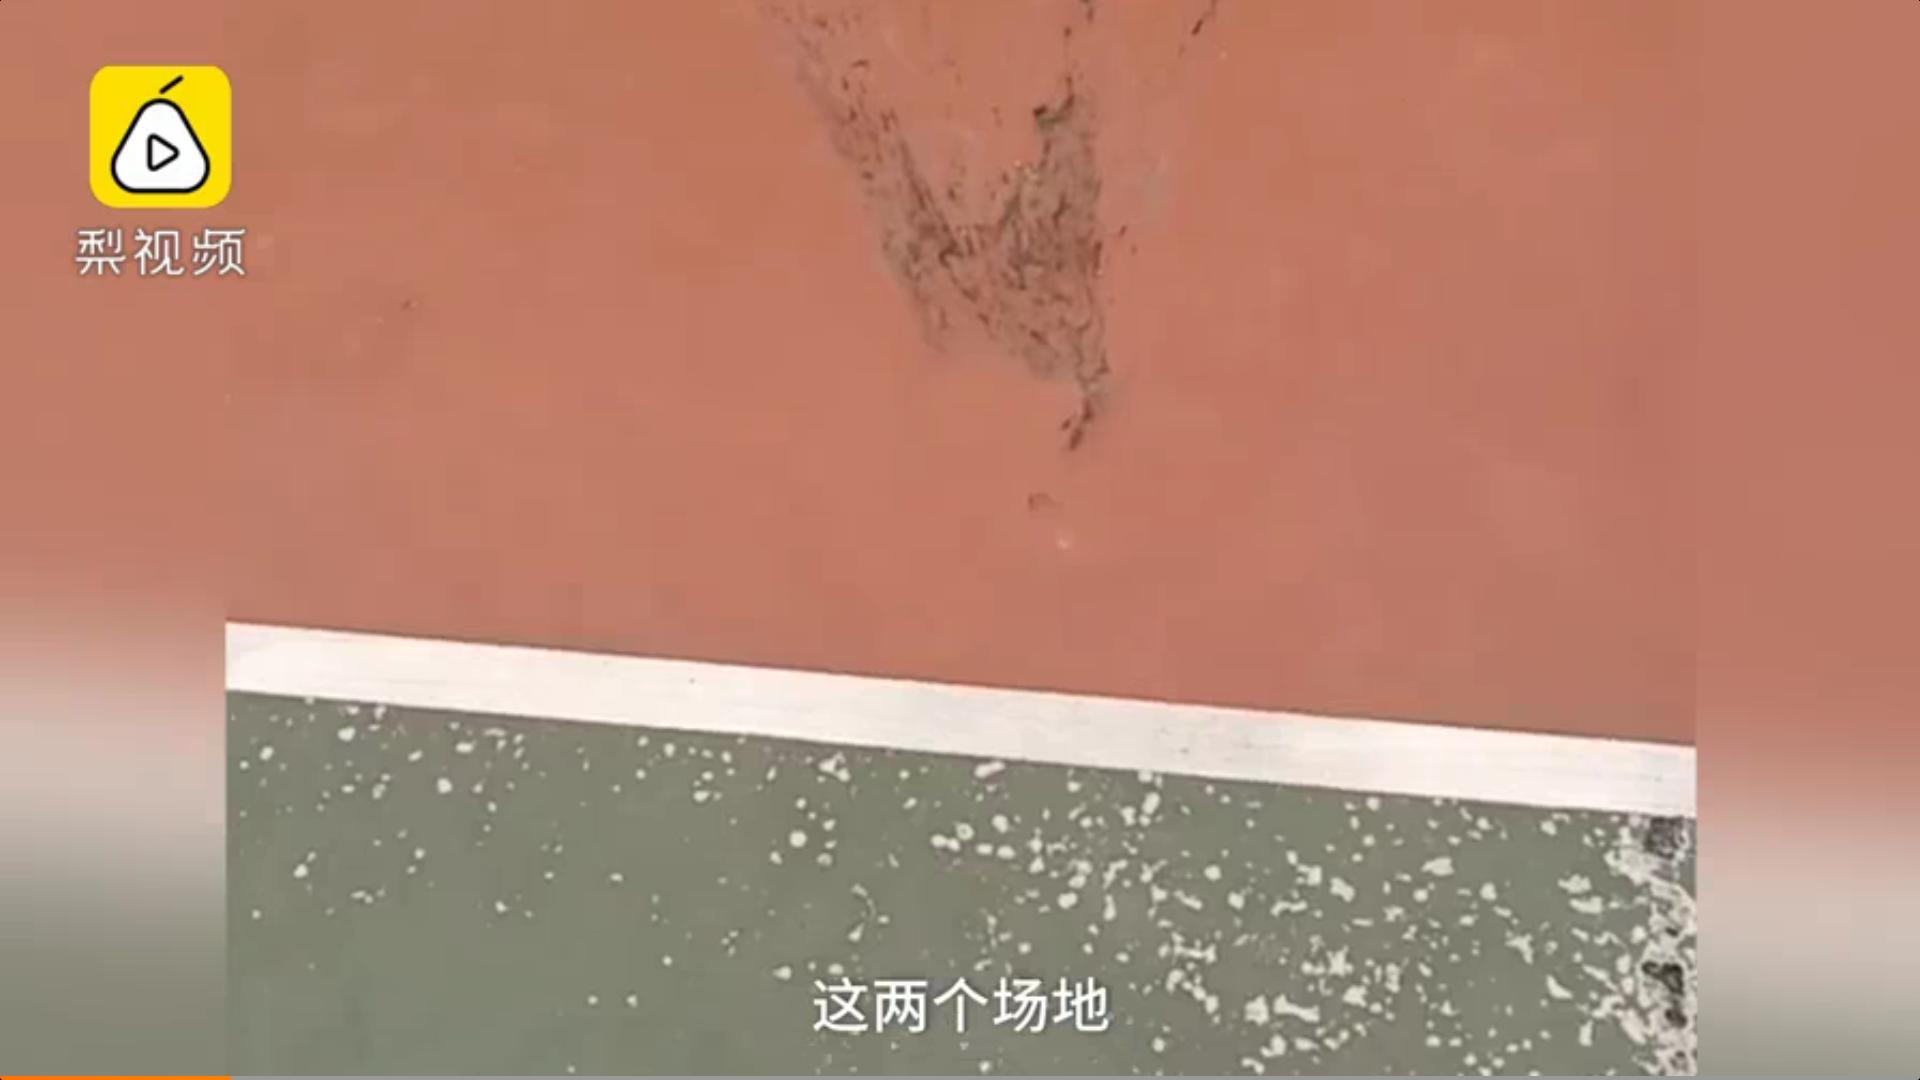 嫌学生打球影响休息,楼上一男子居然向篮球场抛粪便